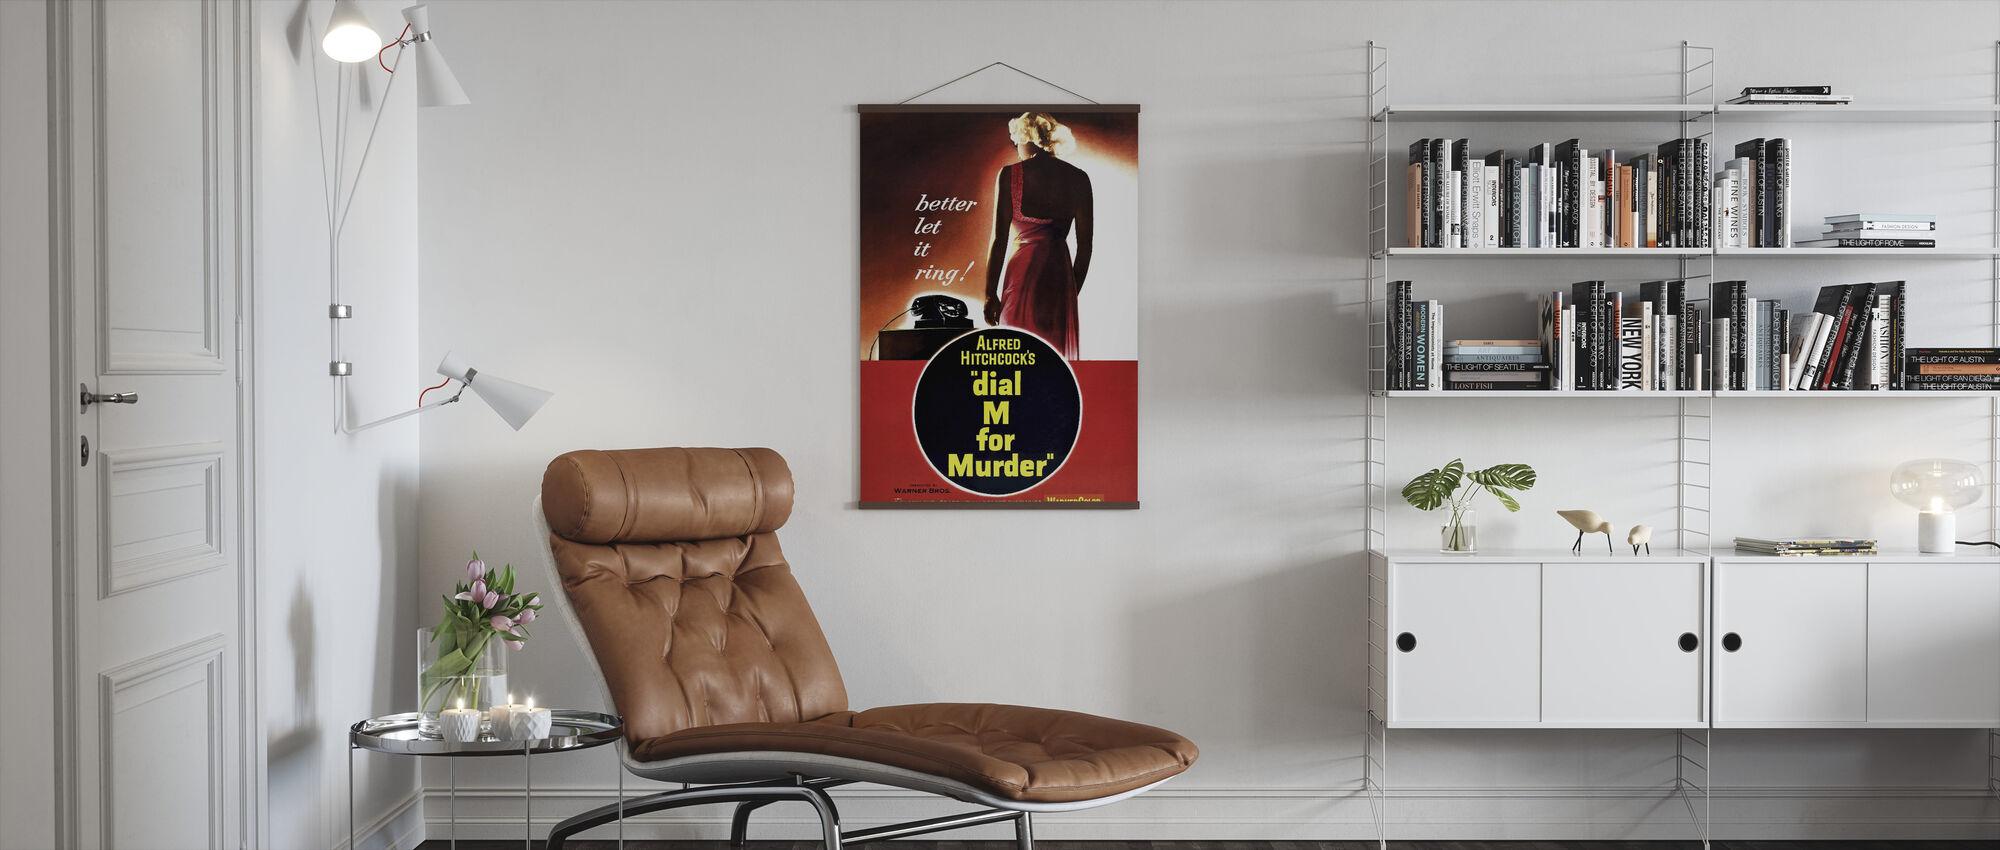 Dial M for Murder - Poster - Living Room